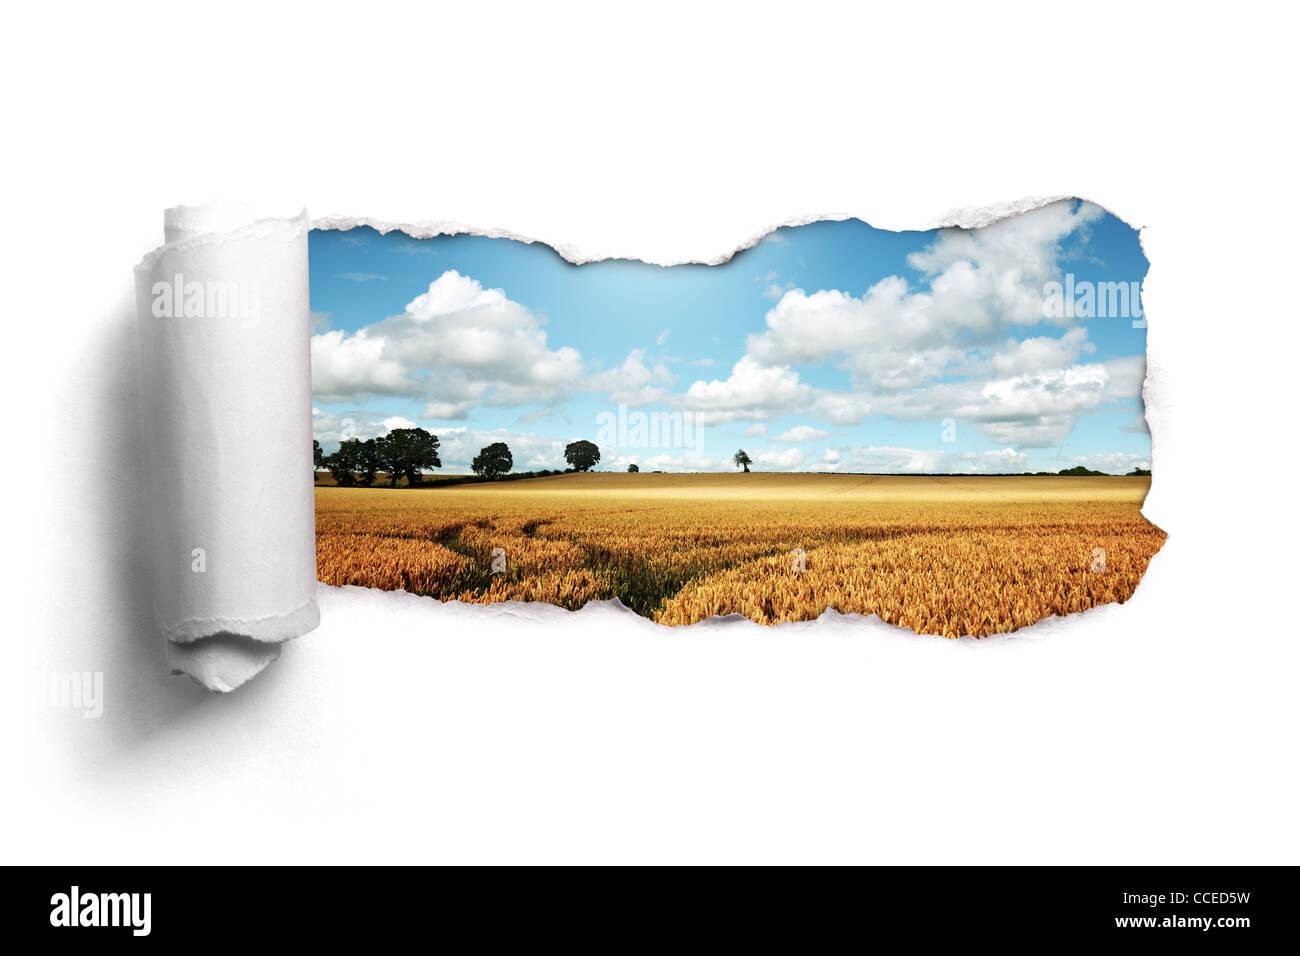 Presenza di frammenti di carta su un estate campo di grano paesaggio Immagini Stock